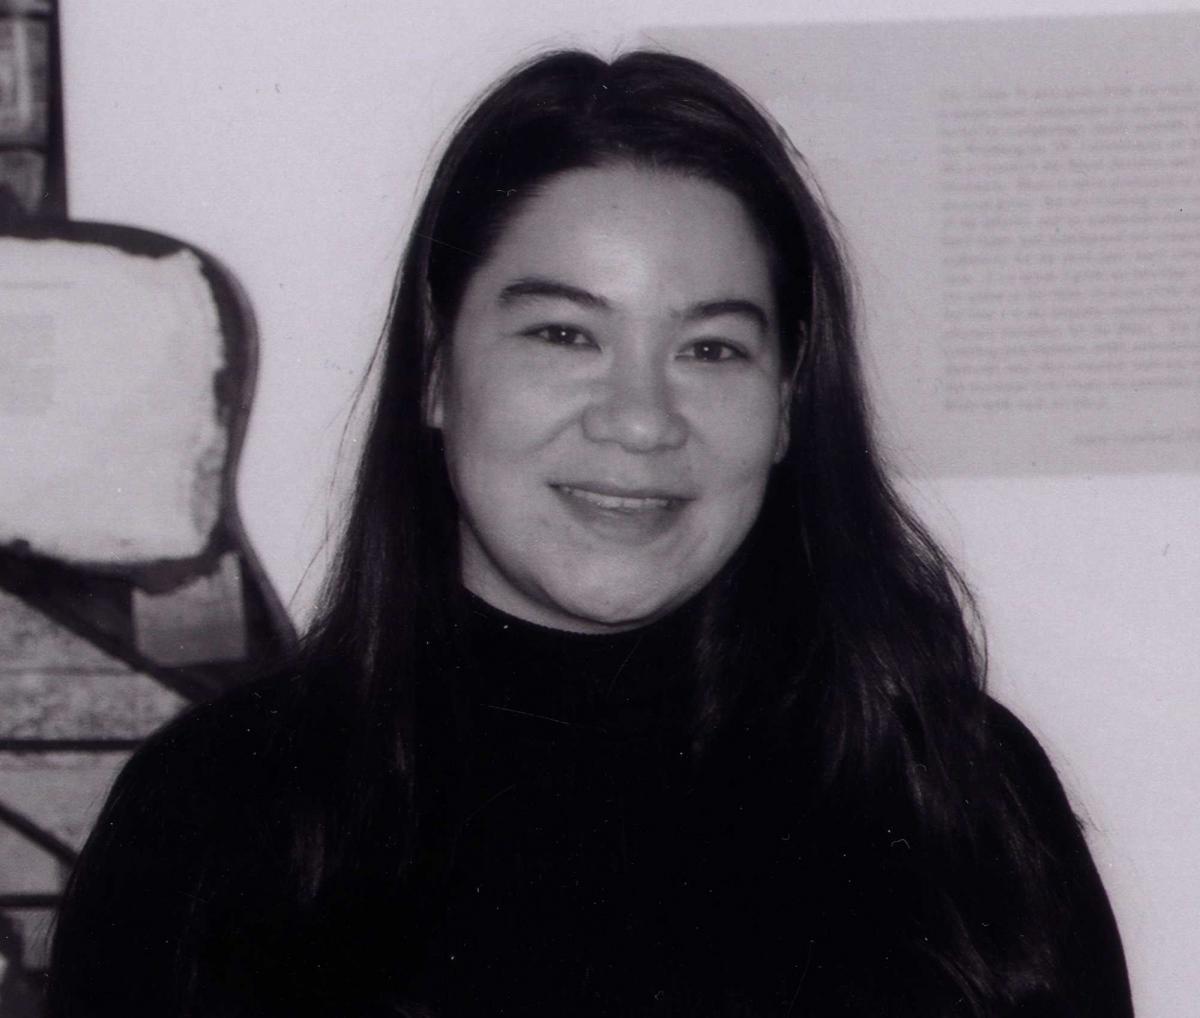 photo of Brenda Shaughnessy